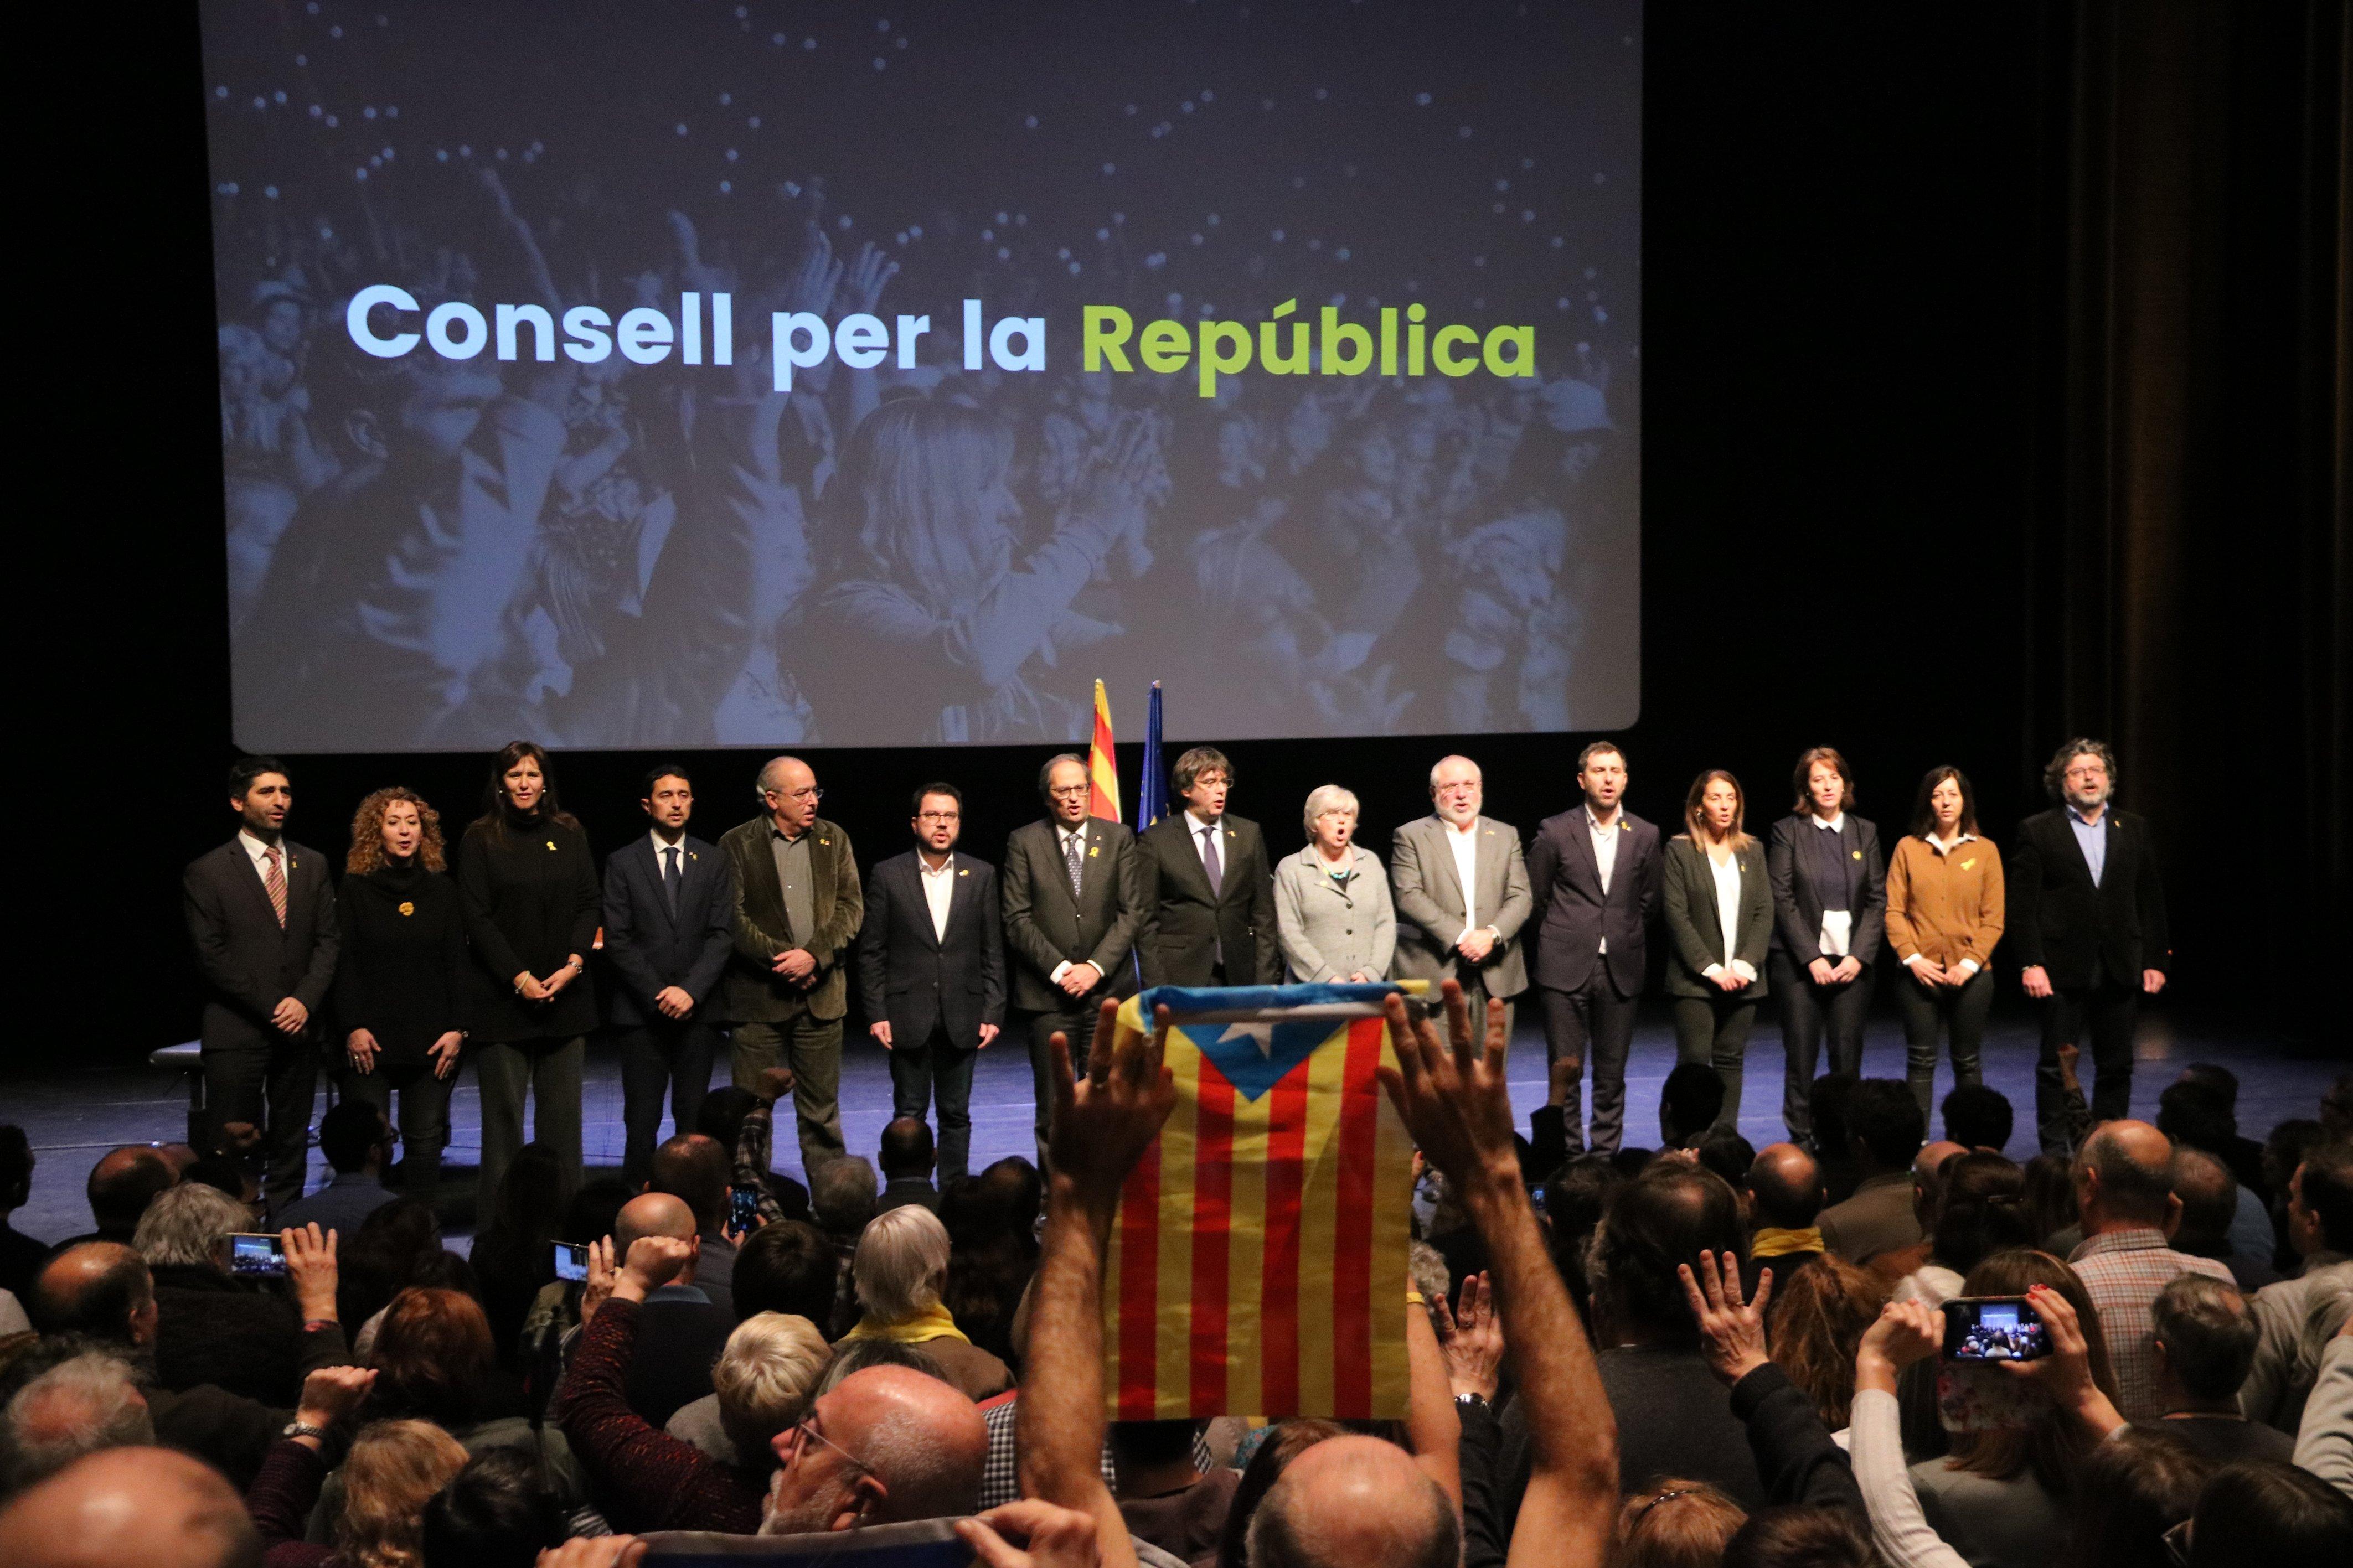 Consell per la República presentació Brussel les ACN